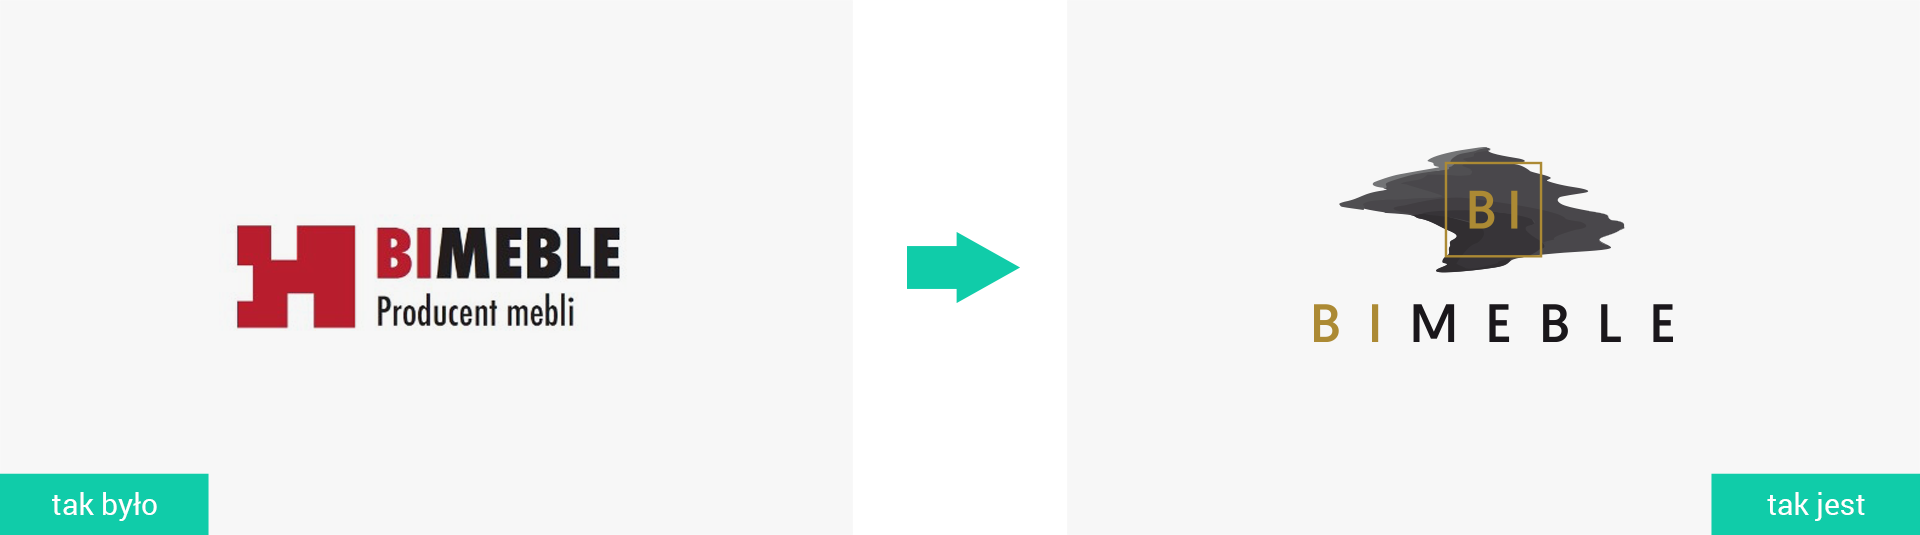 BI Meble Rewitalizacja logo firmowego Projektowanie logo firmy księga znaku rebranding unowocześnienie logo firmy Agencja brandingowa Moweli Creative Dąbrowa Górnicza Kraków Warszawa